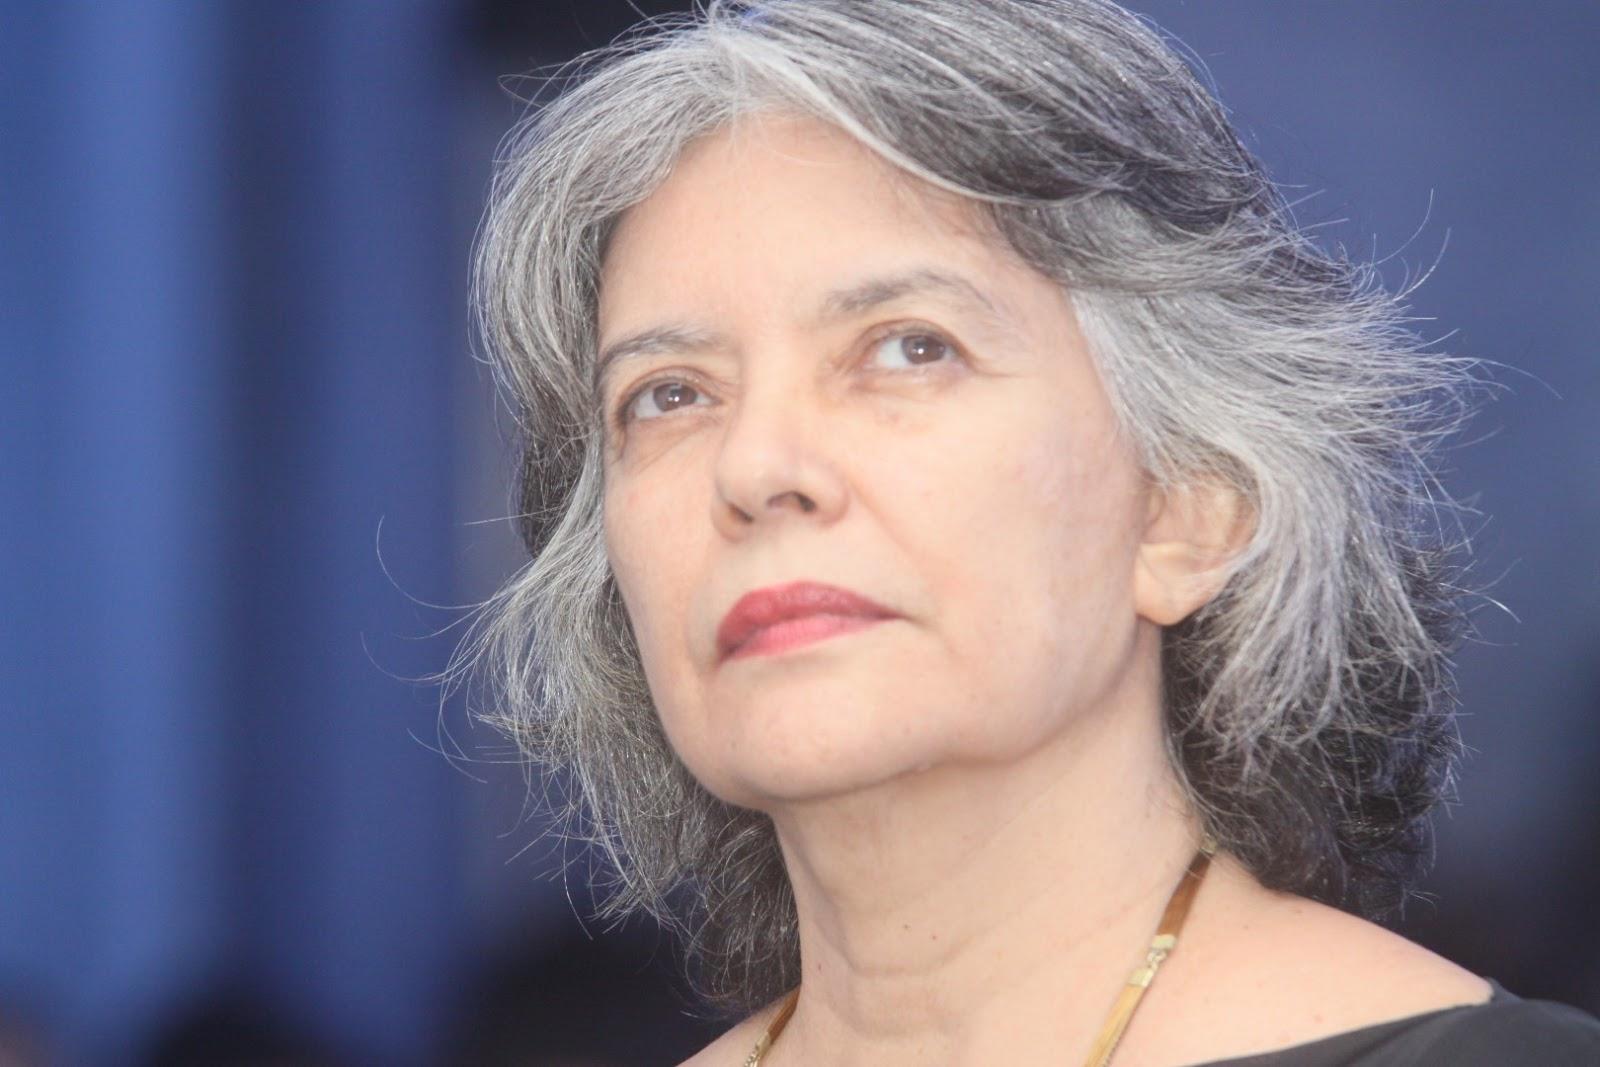 Literatura   Congresso Internacional de Lusitanistas organiza mesa de escritores